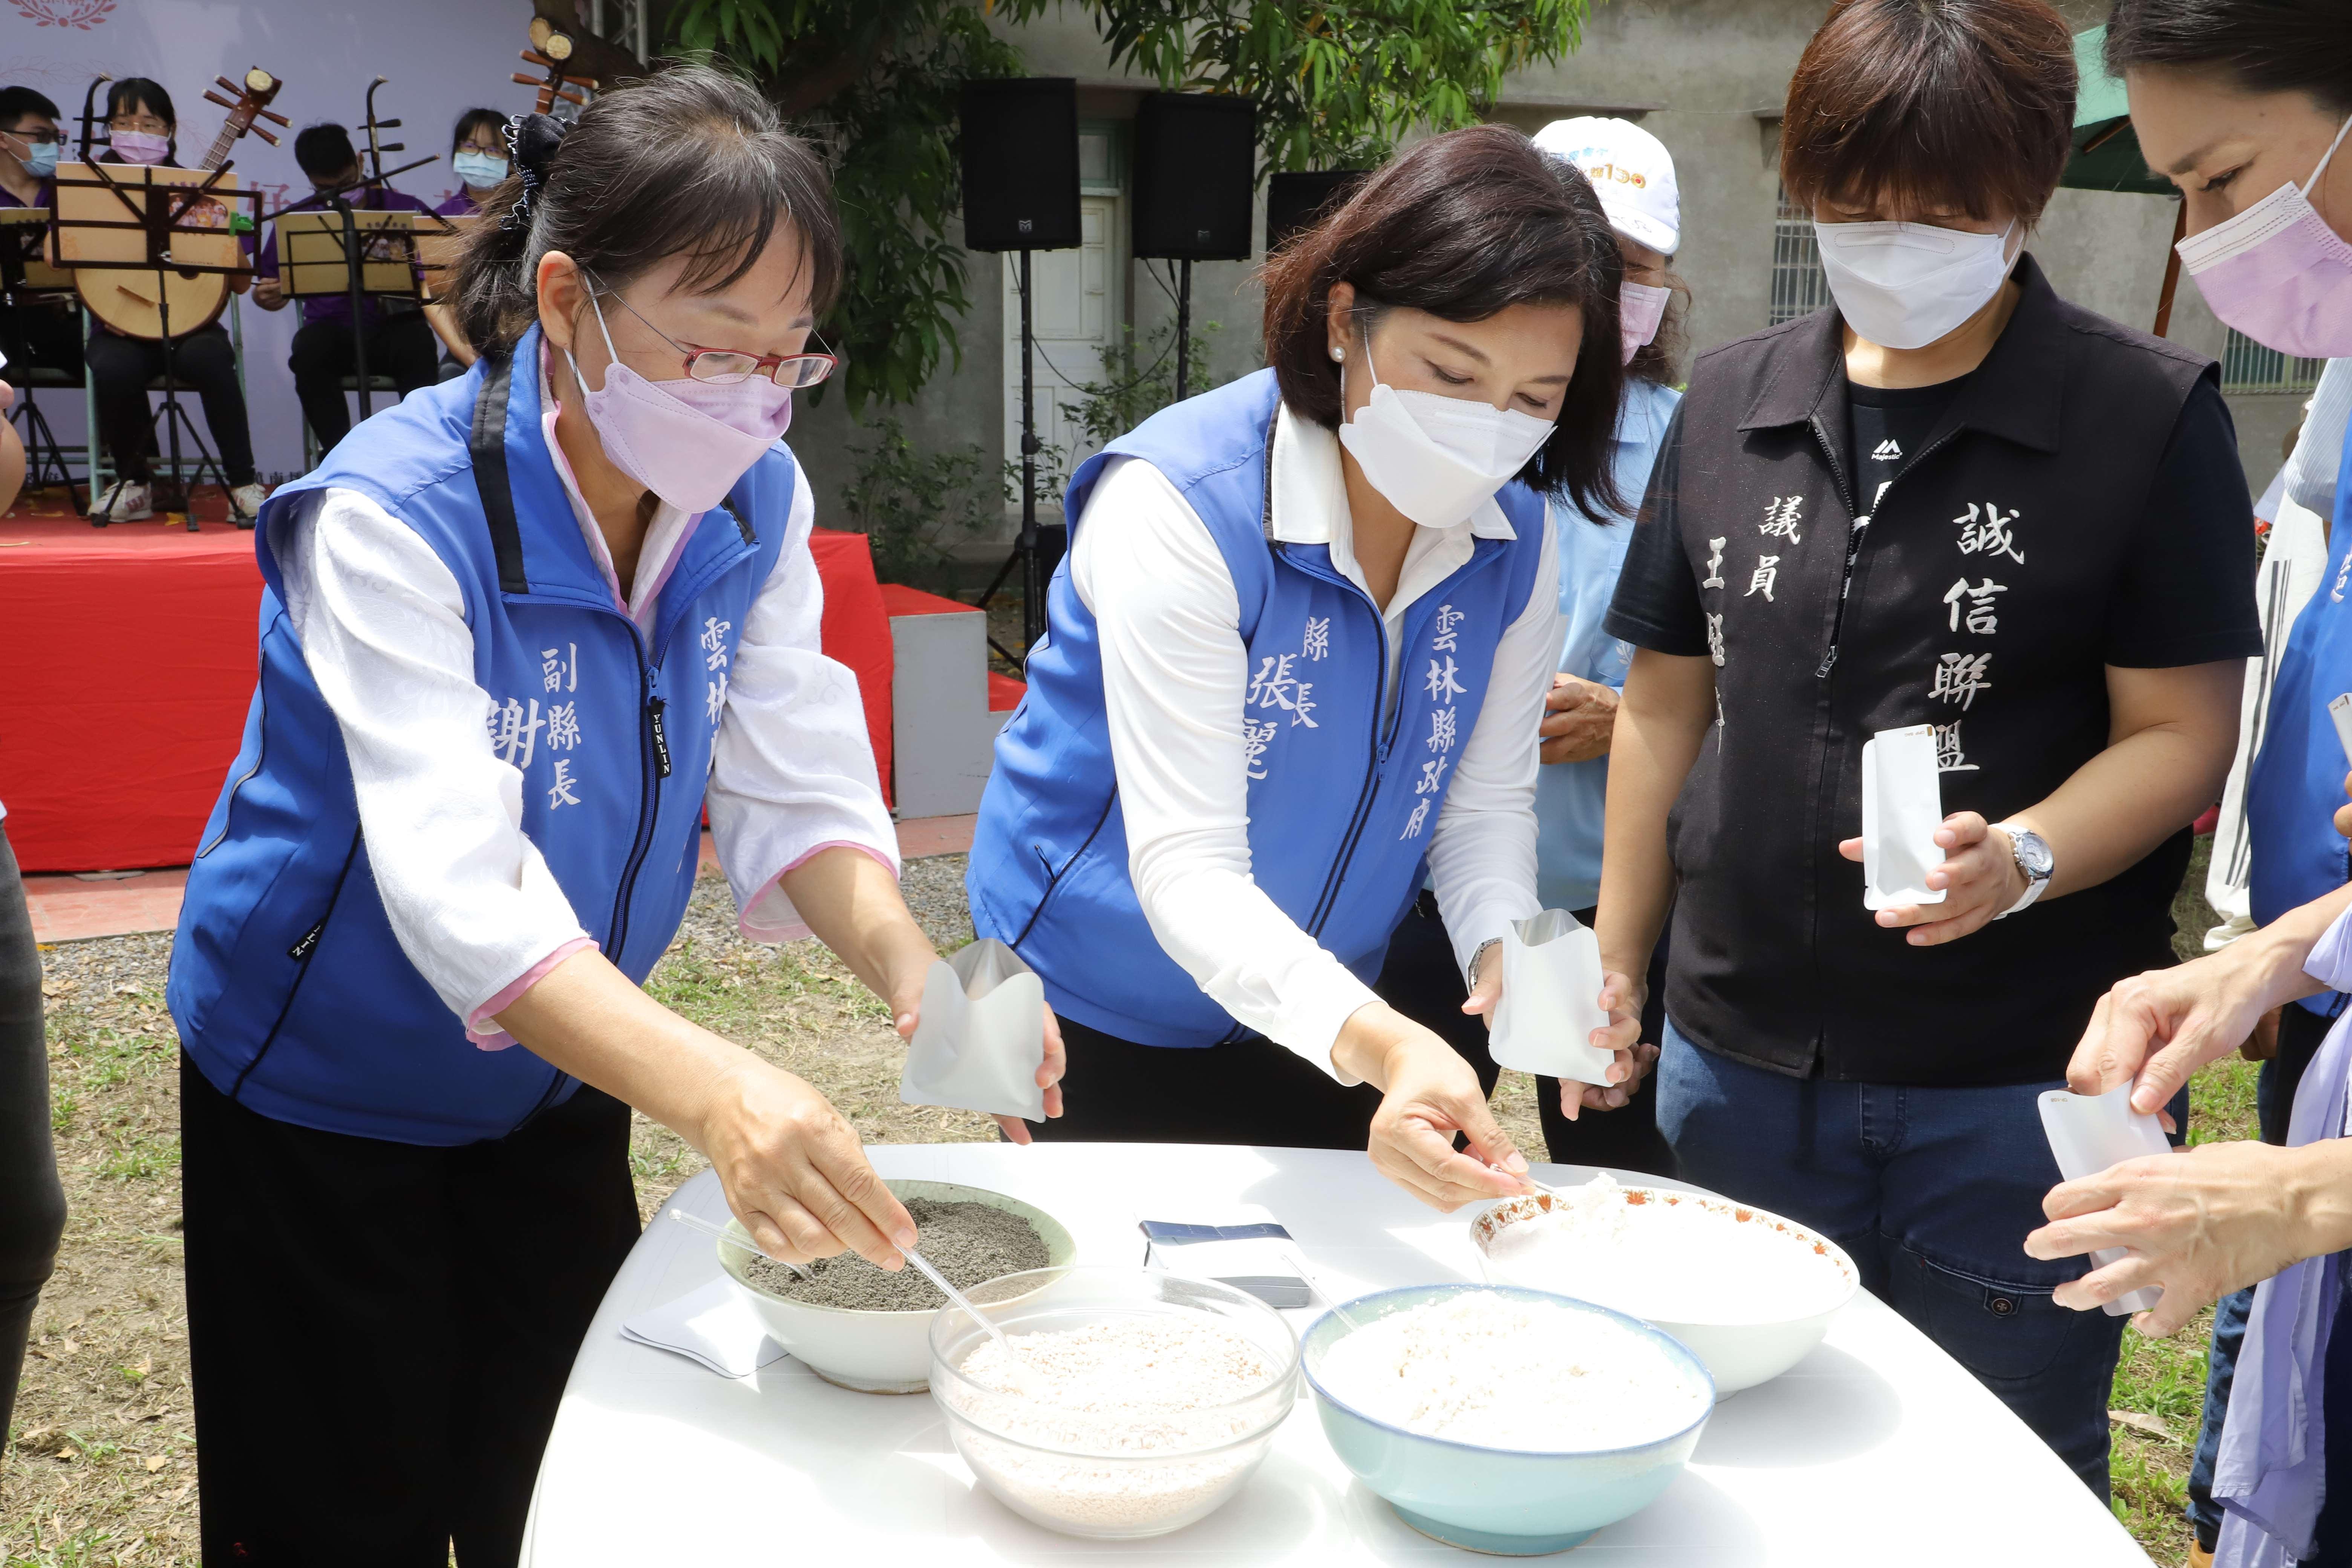 張縣長參與南平社區產業活化活動,體驗用在地食材花生、地瓜葉等手做代餐包。